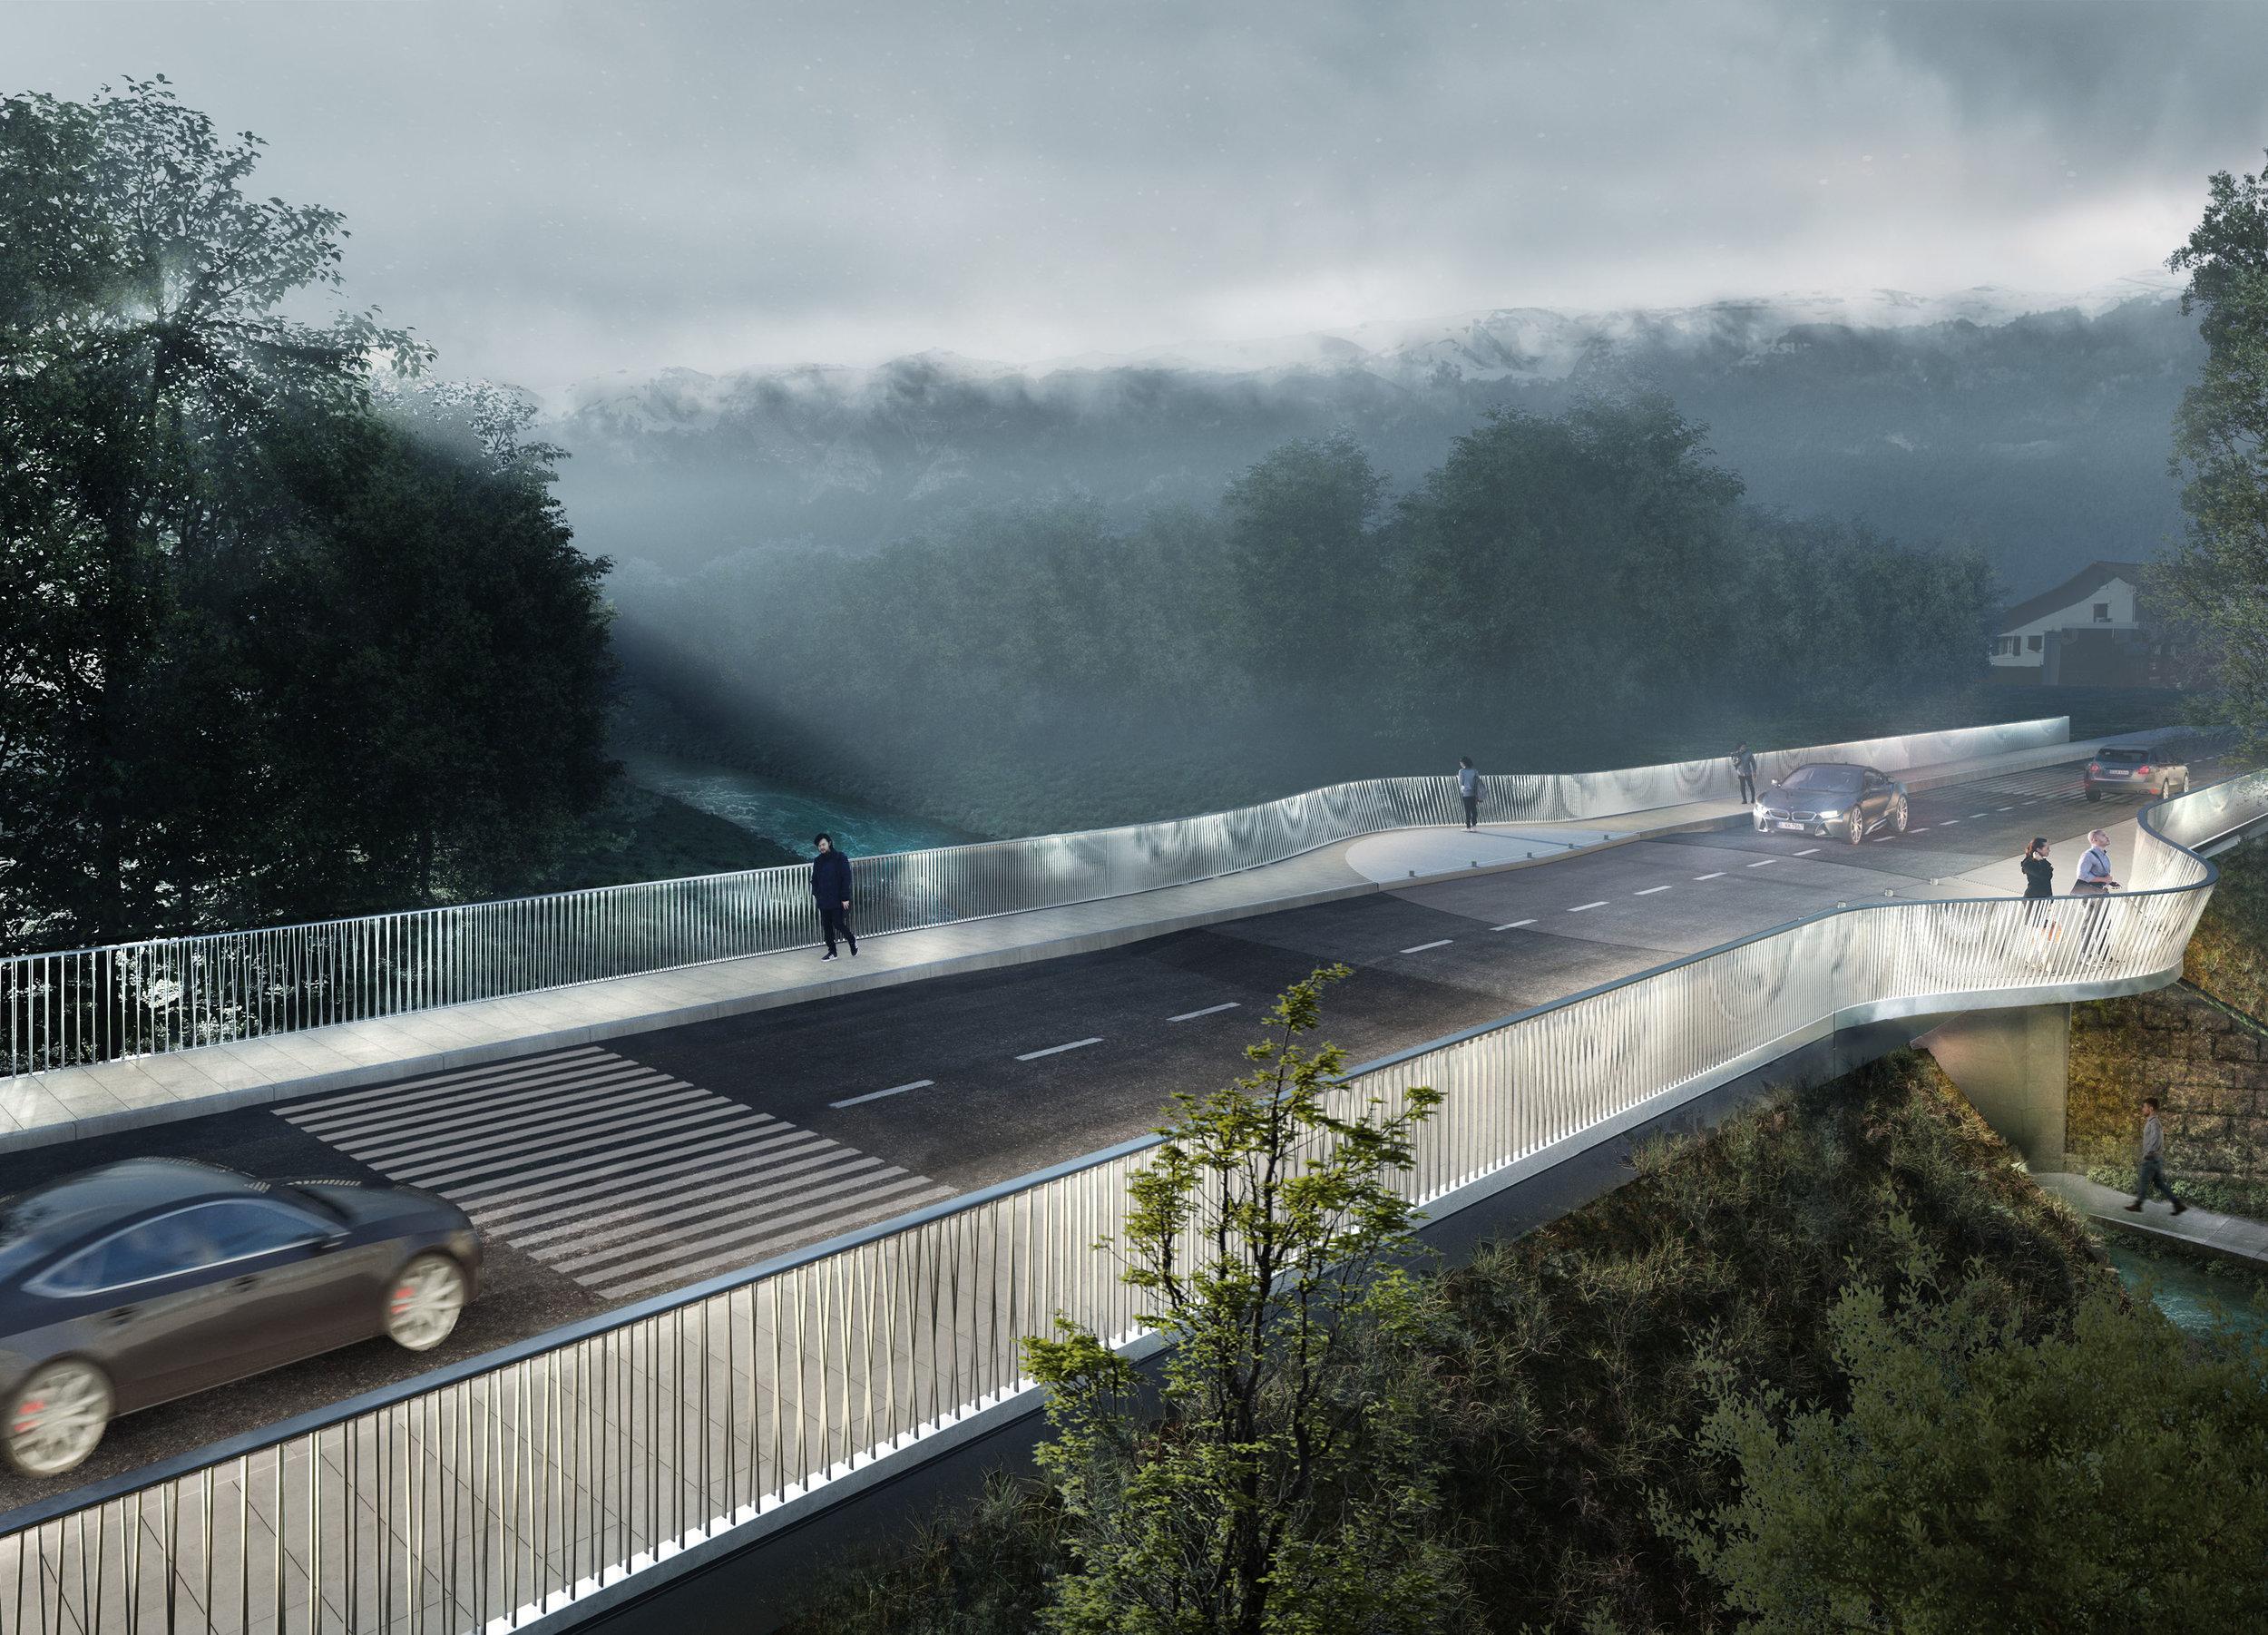 Infrastruktur - Brücke Pont du Lion, Saint Genis, France